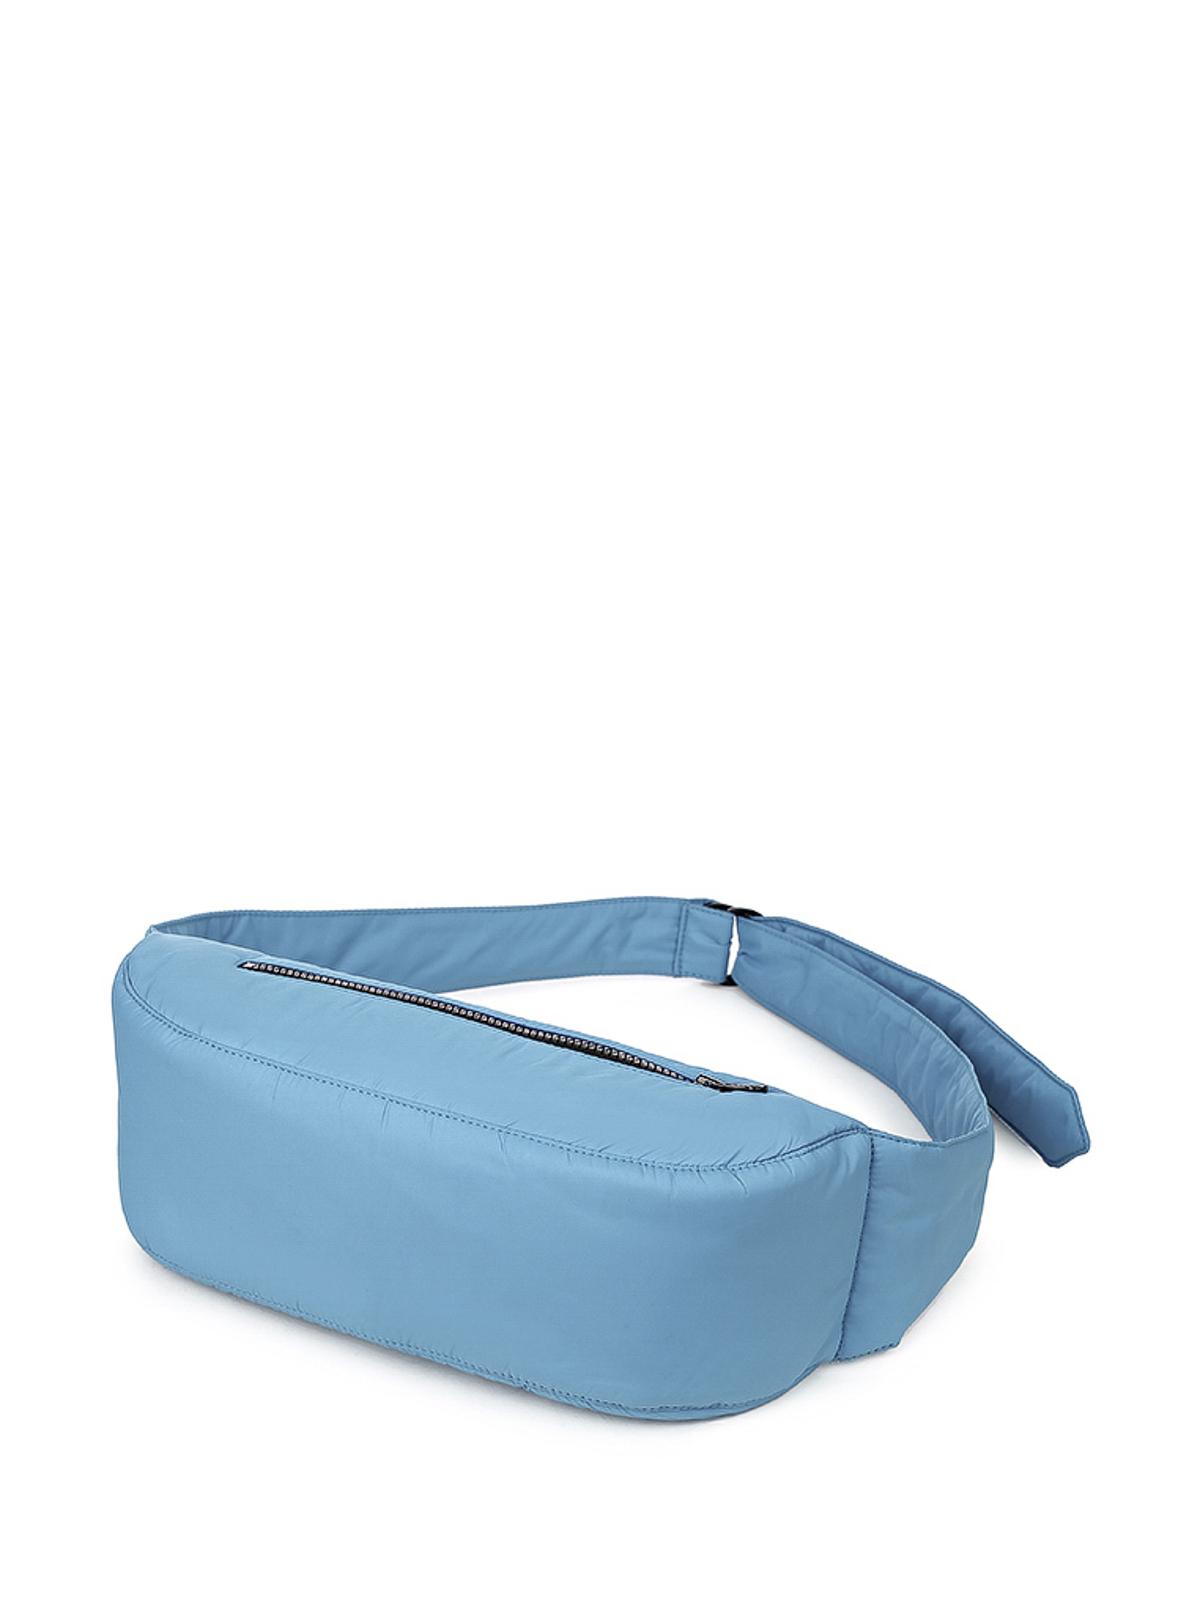 Сумка поясная серо-голубая (FW0509)